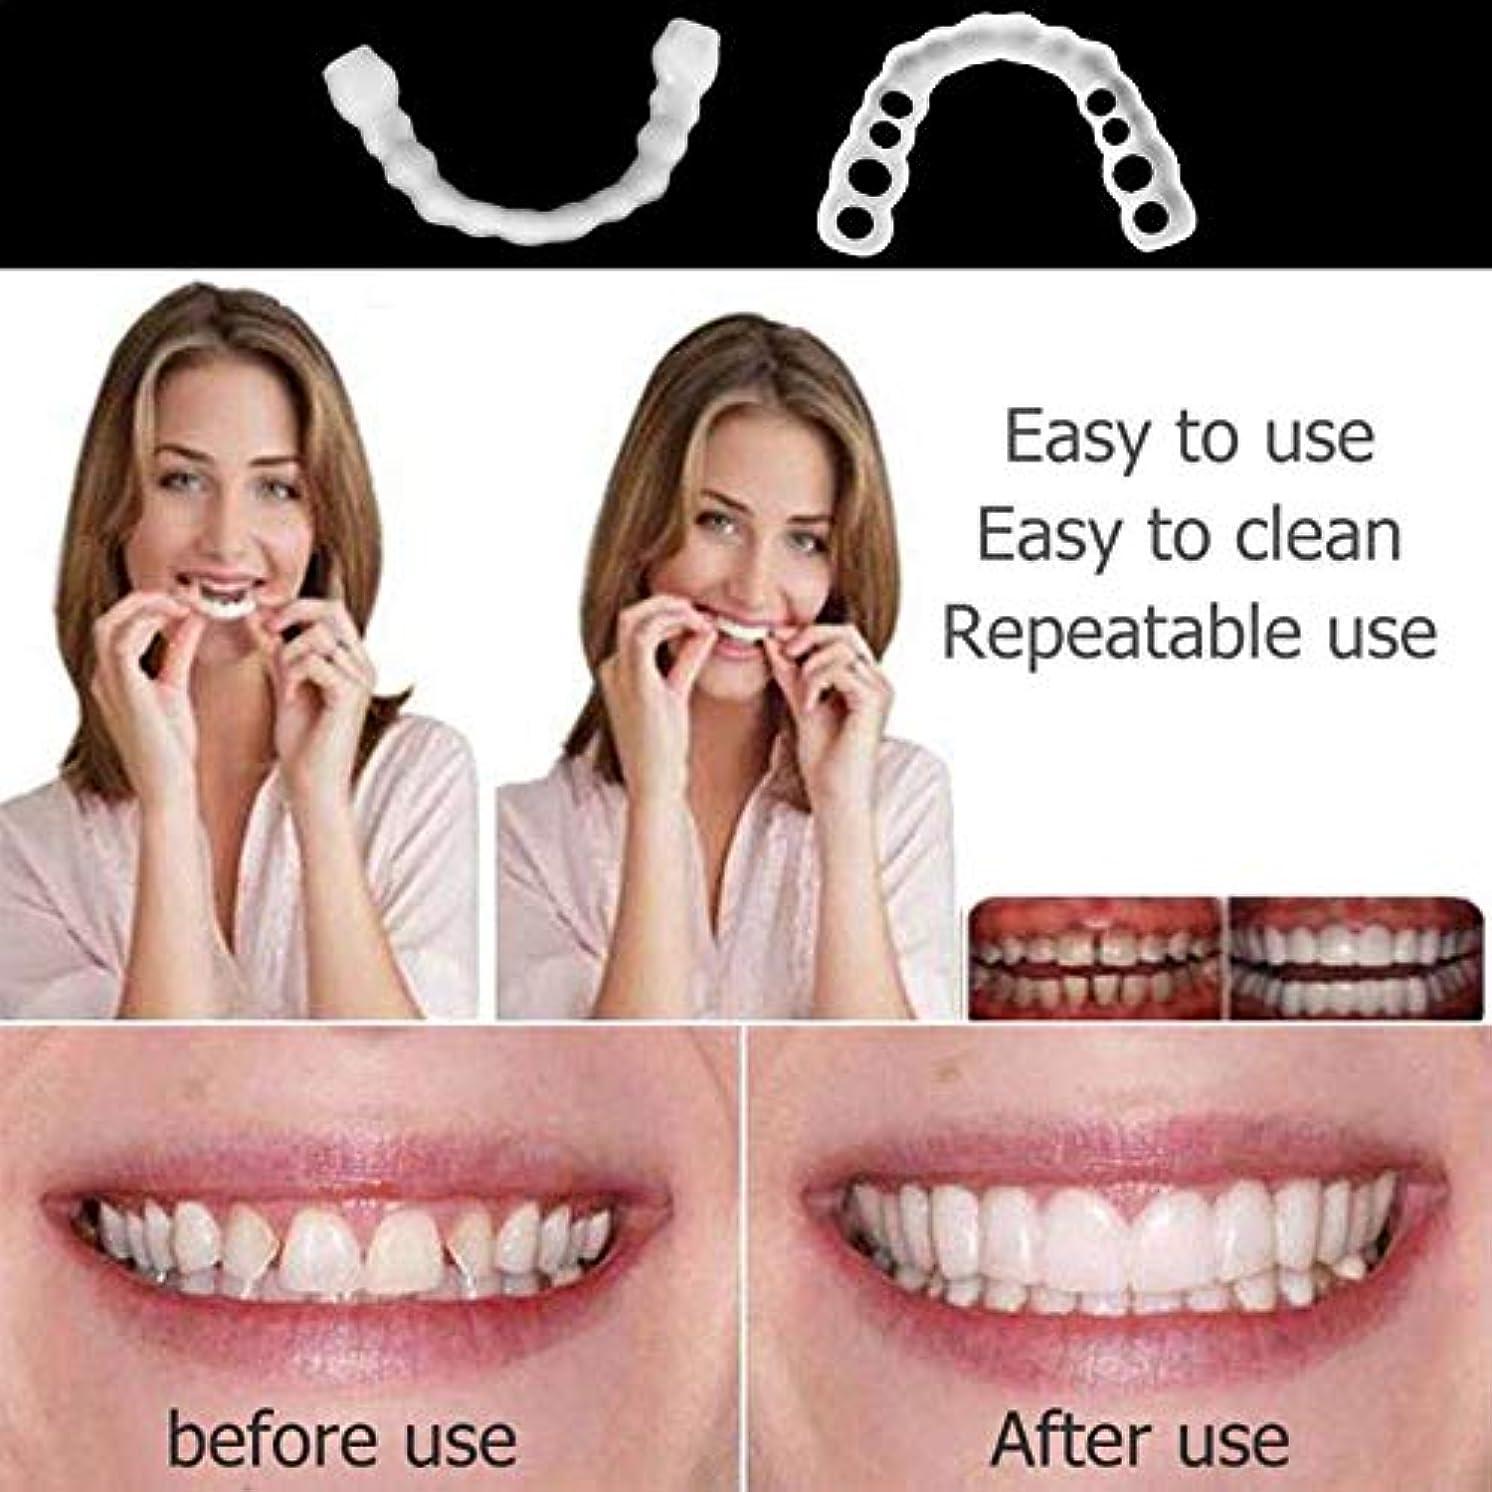 ではごきげんよう待ってメダル5ピースシリコンアッパー偽の歯偽歯カバーホワイトニング義歯口腔ケア歯ホワイトニング2019歯科口腔ケア